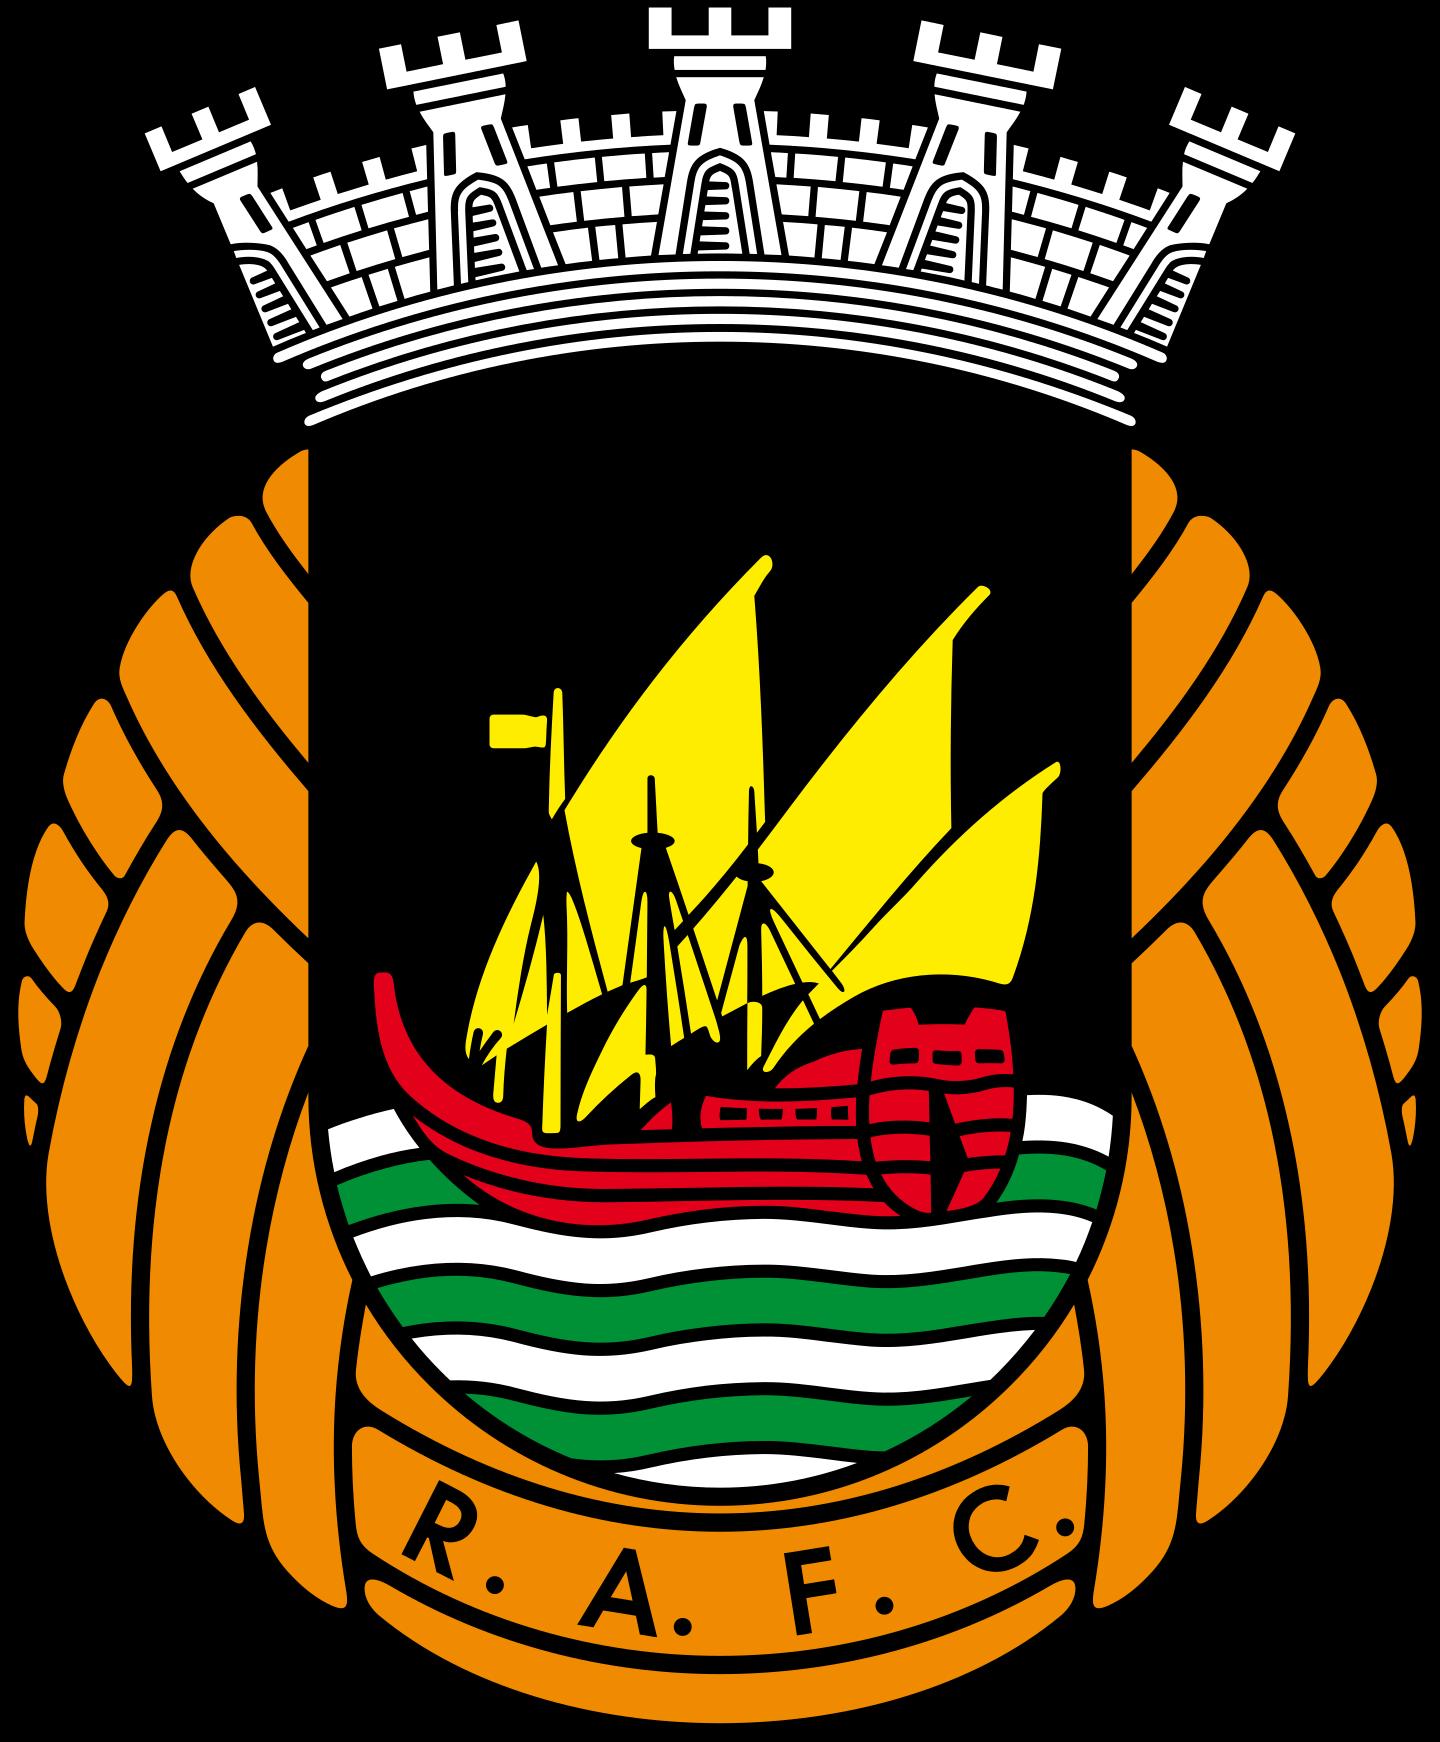 rio ave fc logo 2 - Rio Ave FC Logo